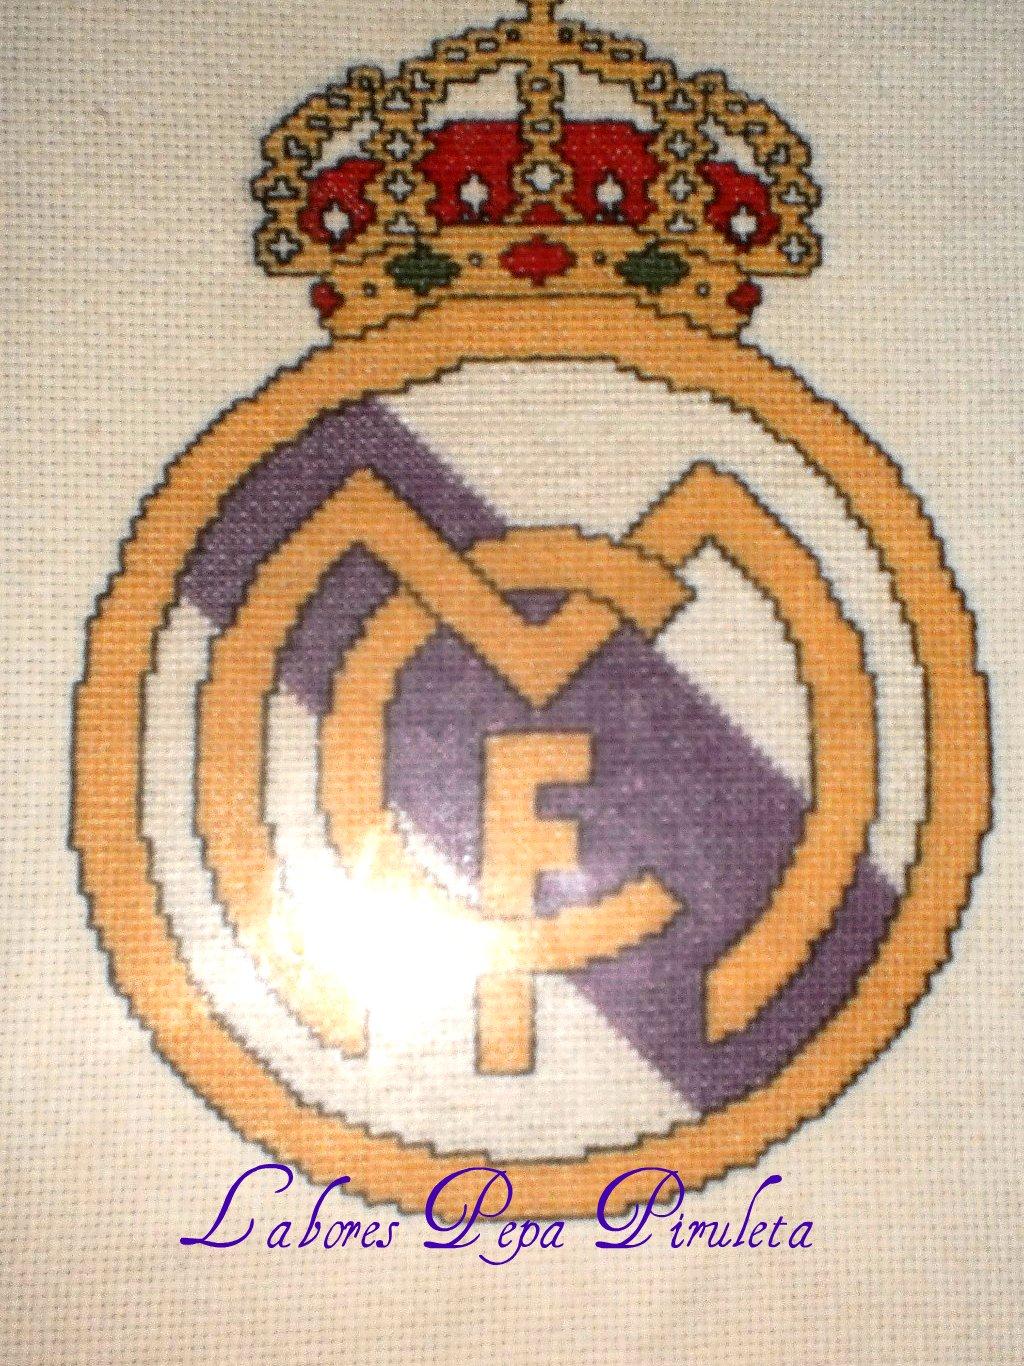 Labores Pepa Piruleta: Escudo del Real Madrid